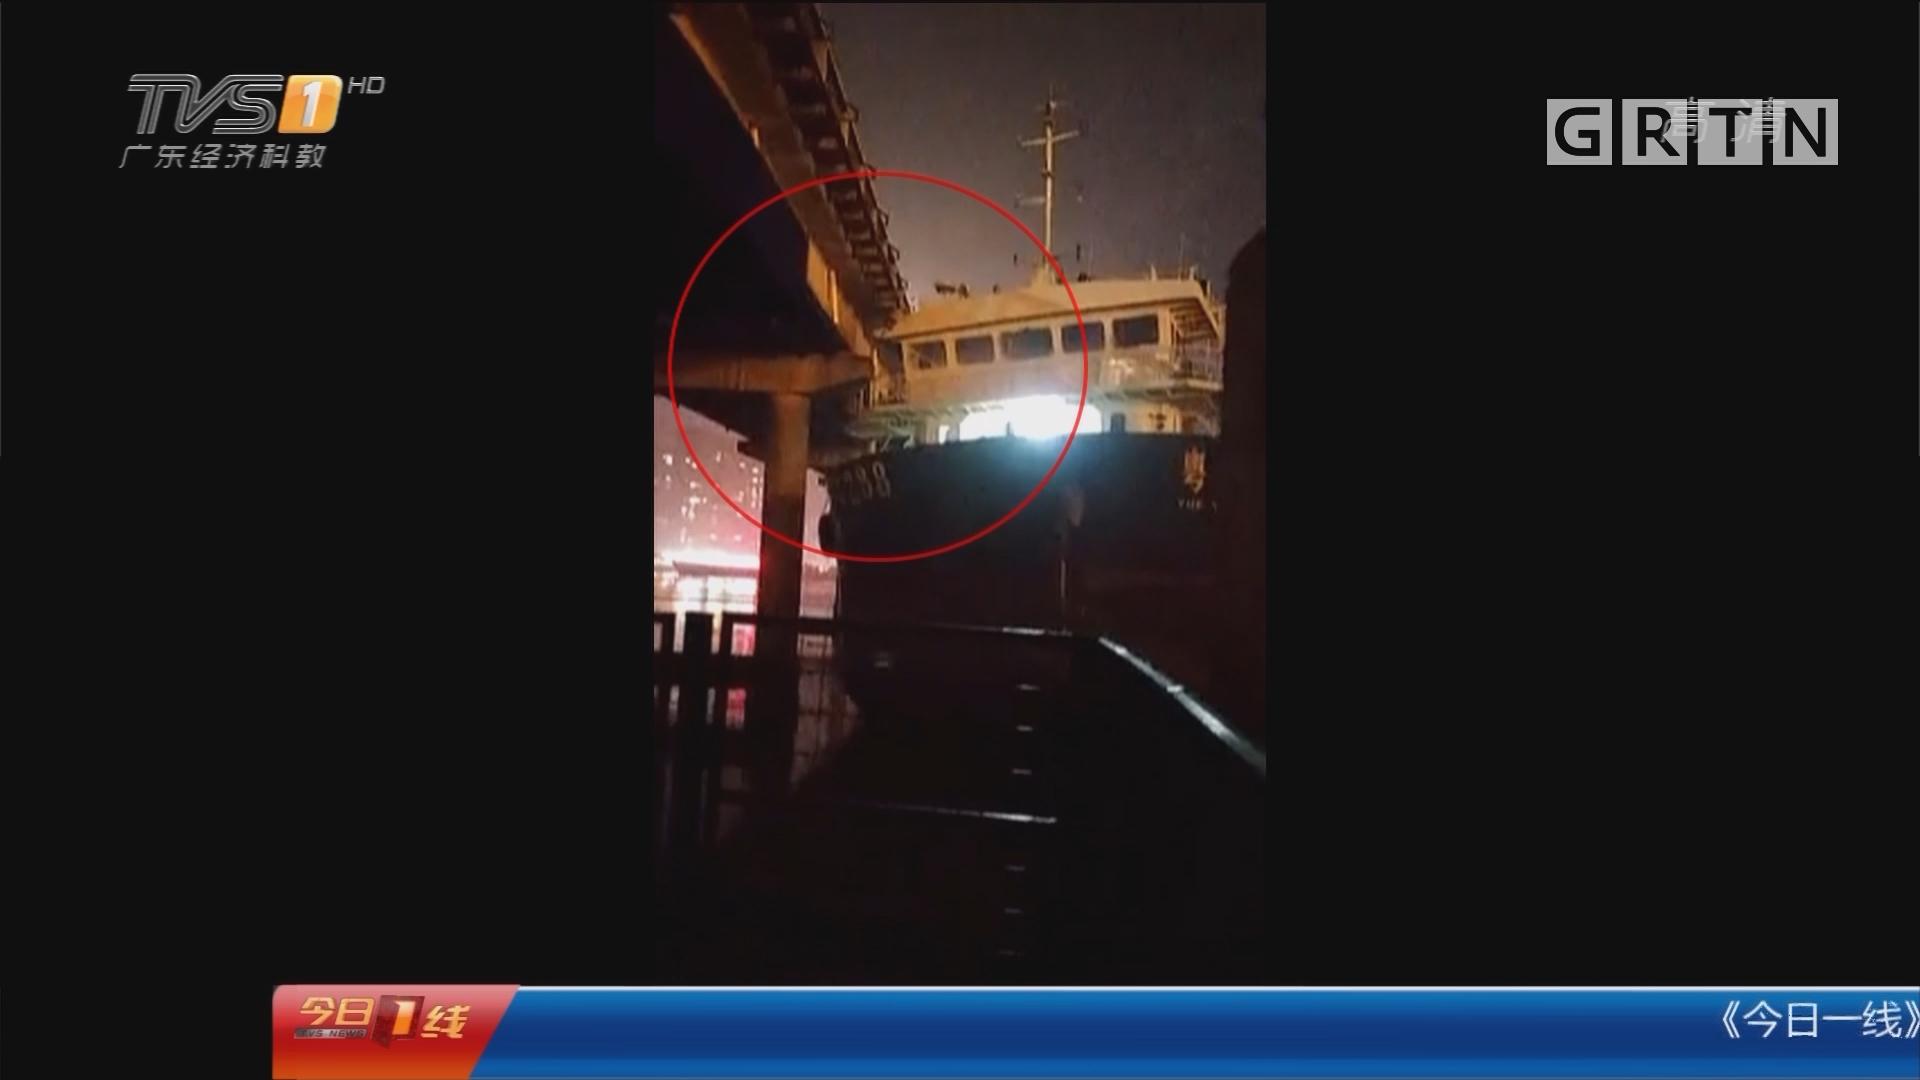 江门公益大桥:被轮船碰撞 公益大桥一度封闭